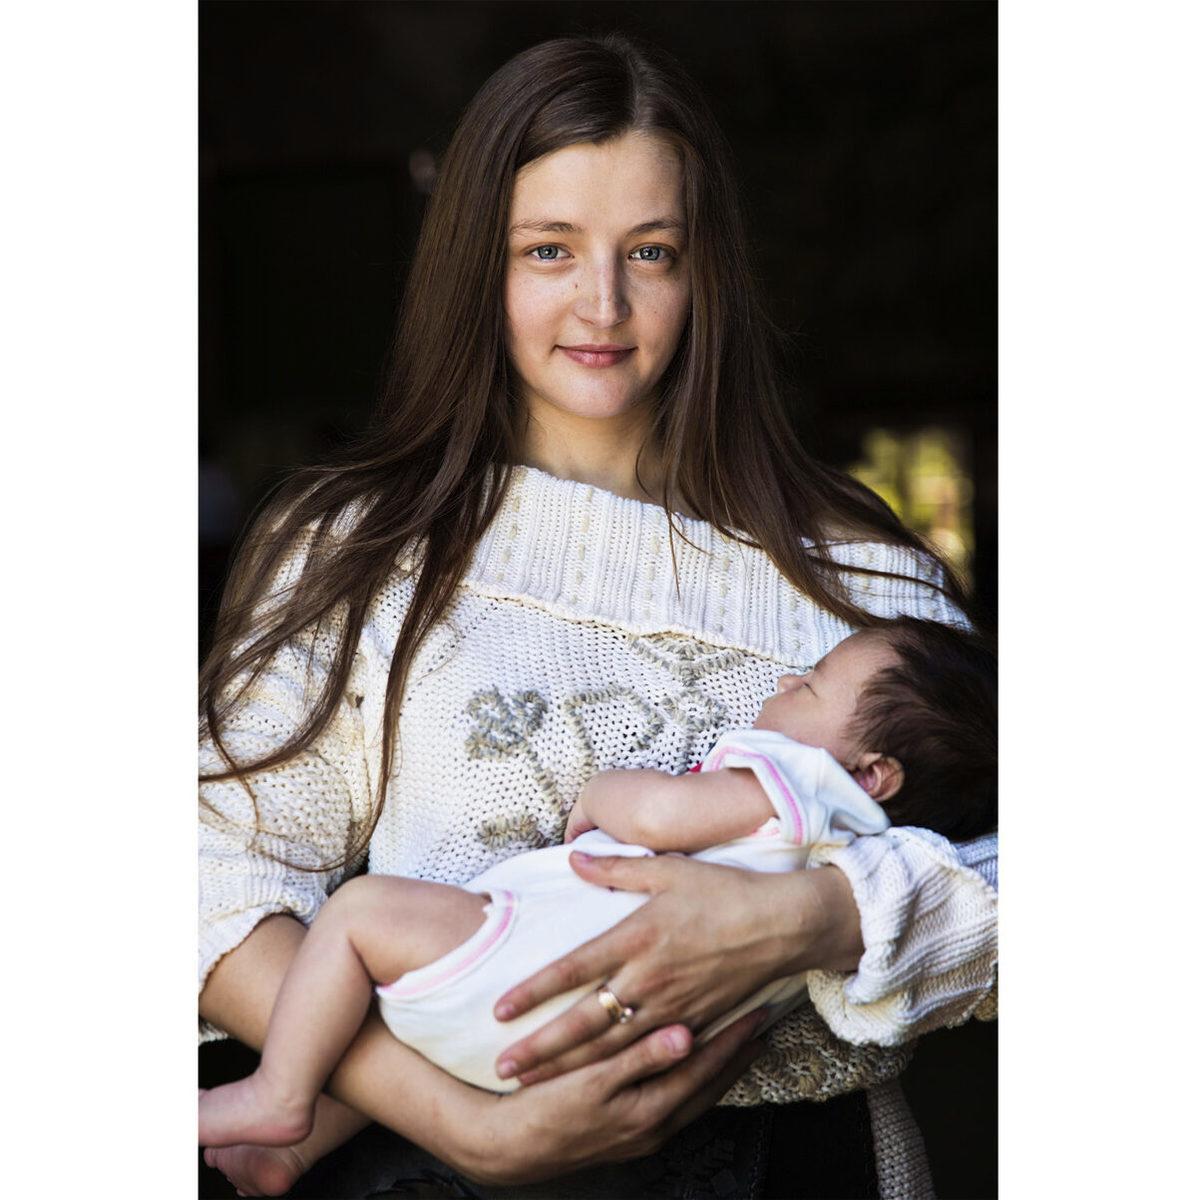 摩爾多瓦奇希努的伊娜和她的一個月大的女兒。(米哈艾拉提供)